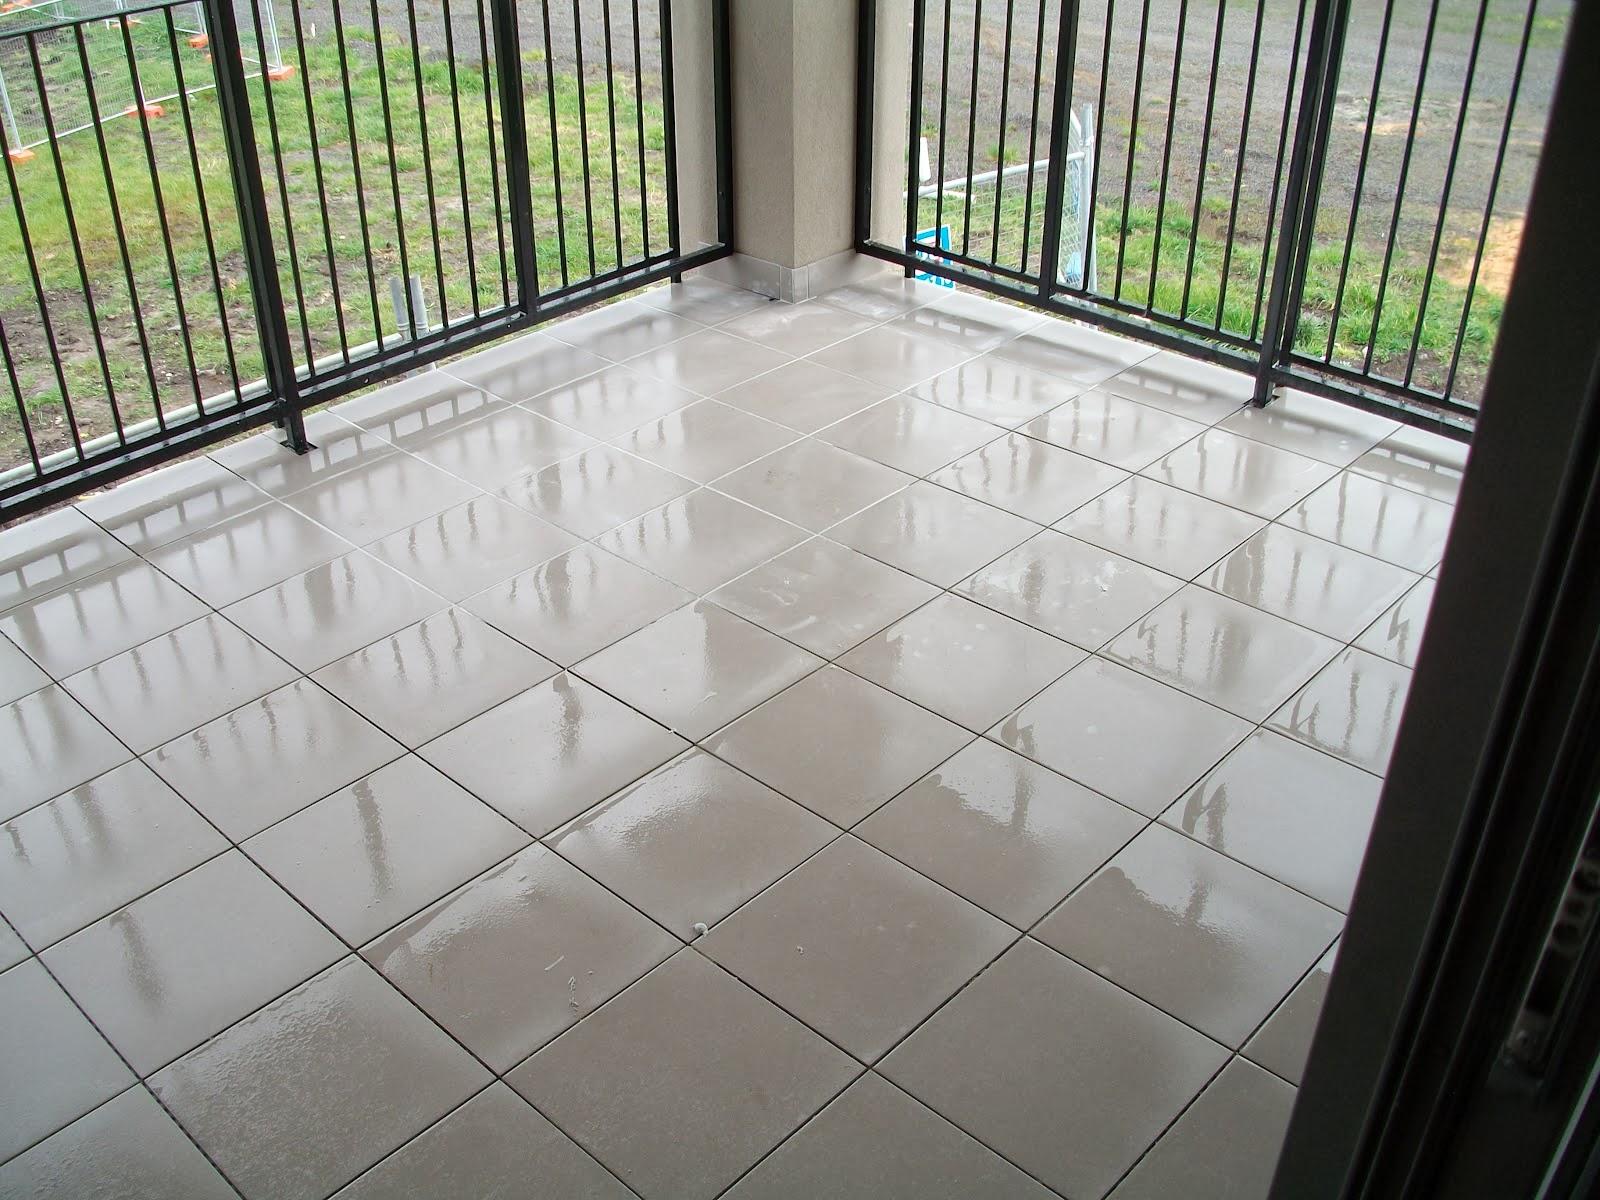 Foundation dezin decor terrace tiles design for Terrace tiles texture